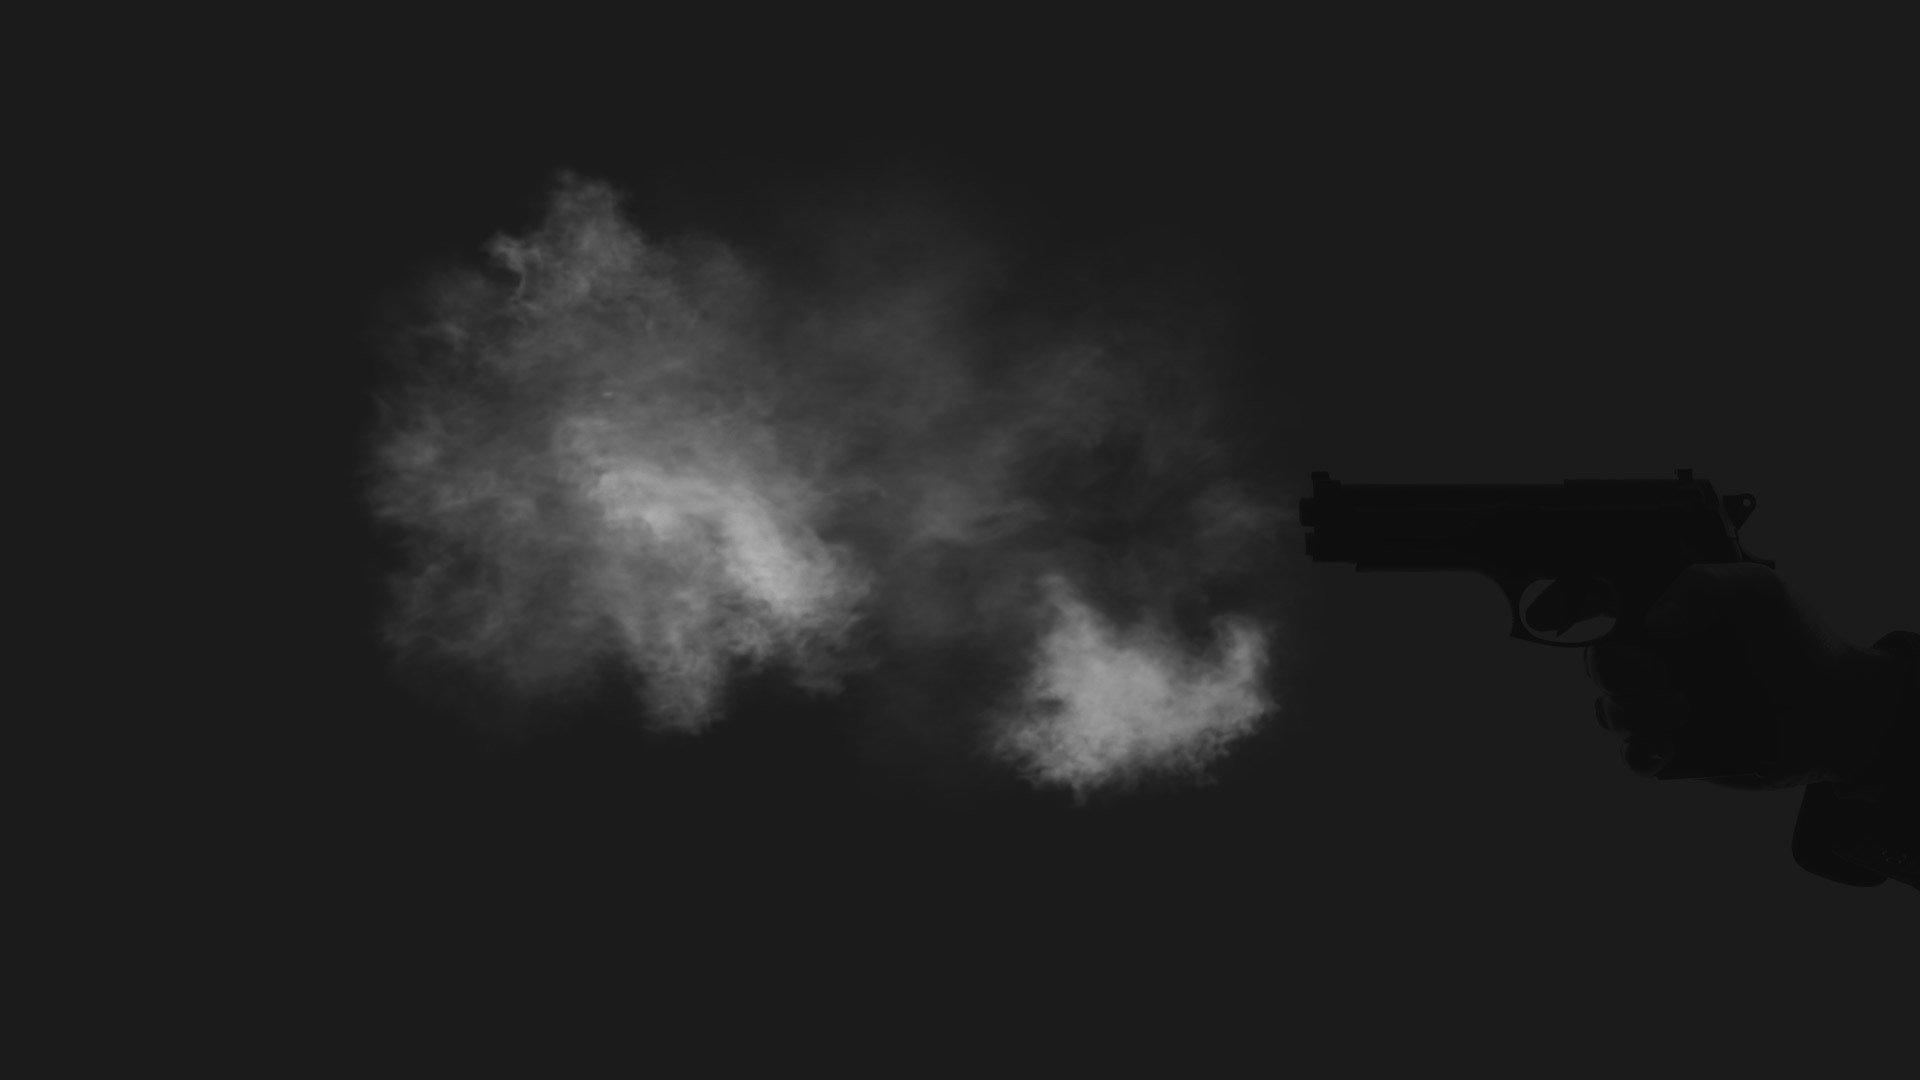 Gun Smoke Stock Footage Collection | ActionVFX